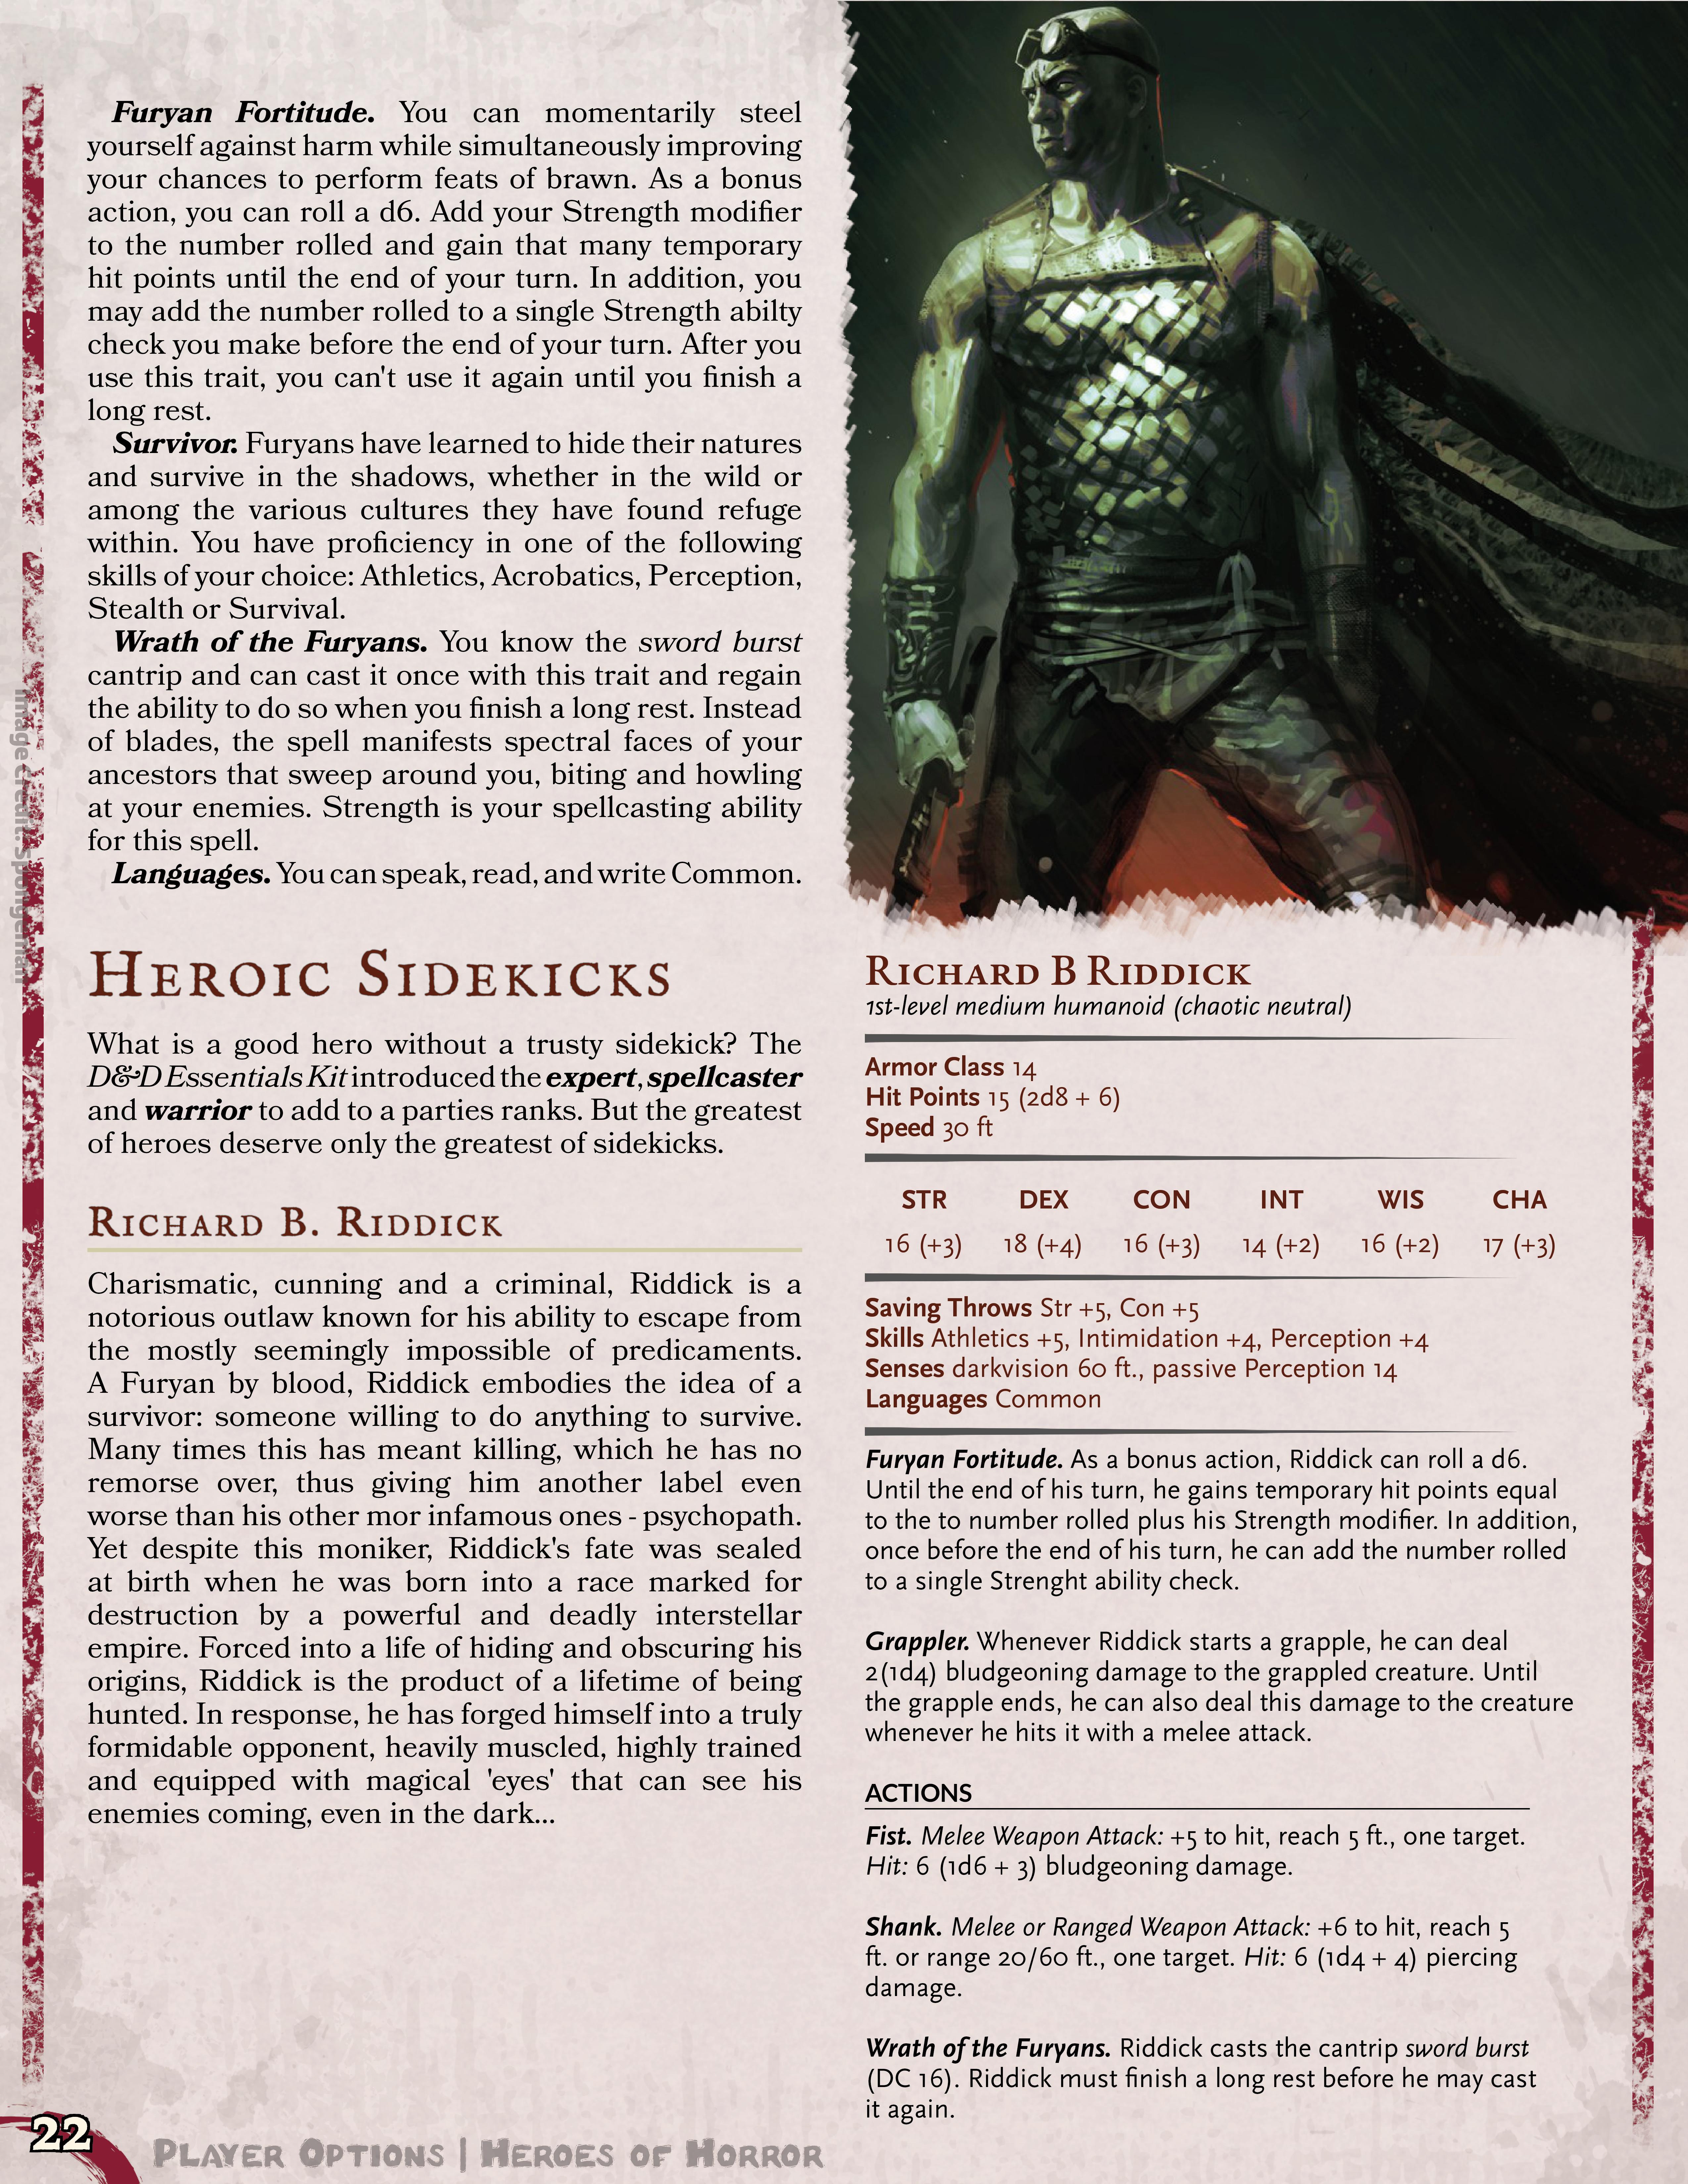 Riddick-ver-001.jpg